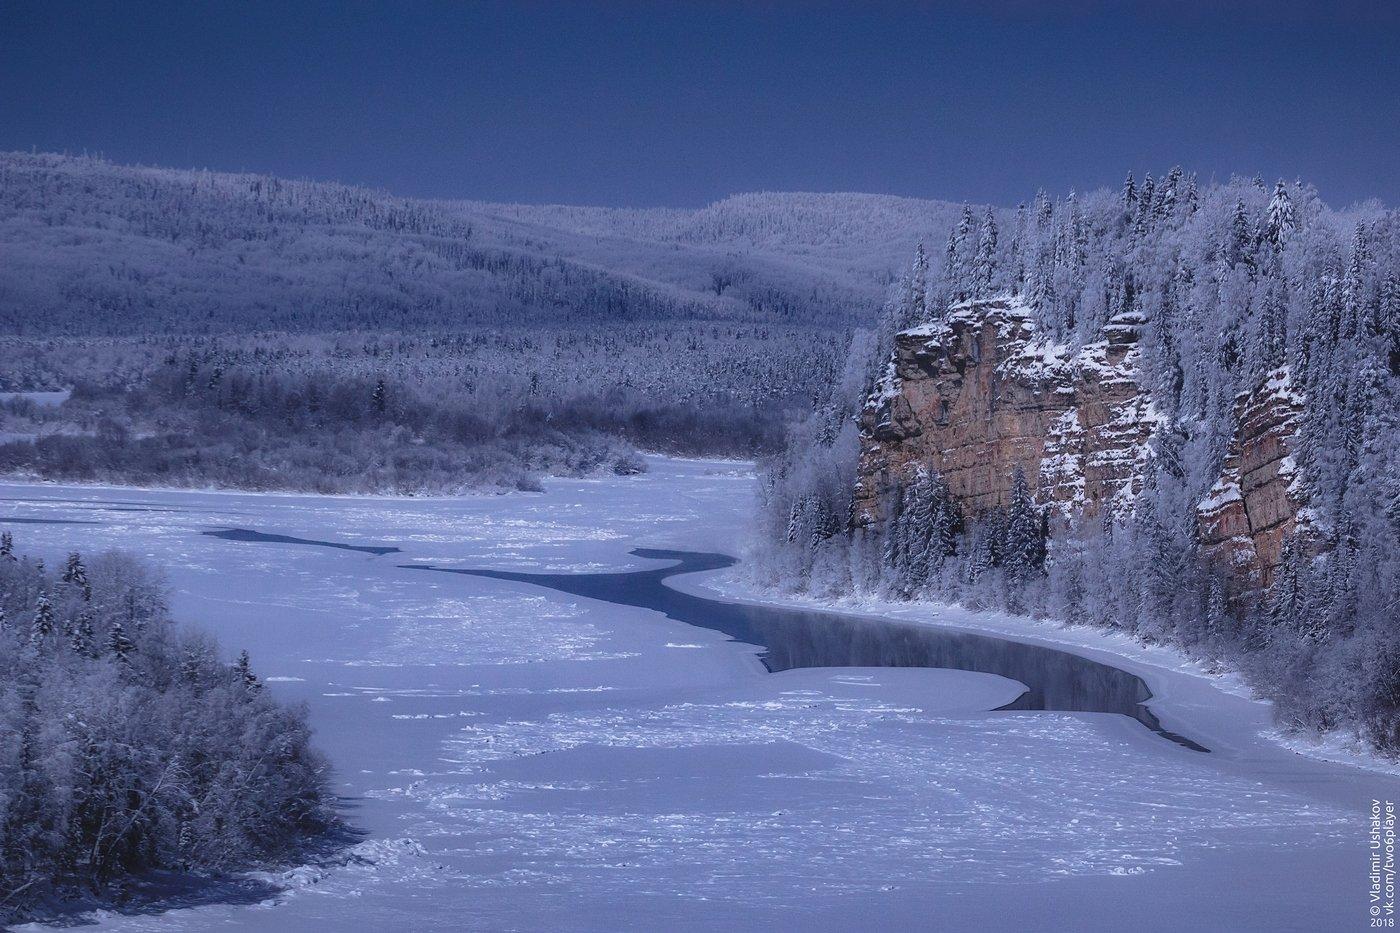 ночь, зима, лунный свет, река, вишера, скала, камень говорливый, пермский край, Владимир Ушаков